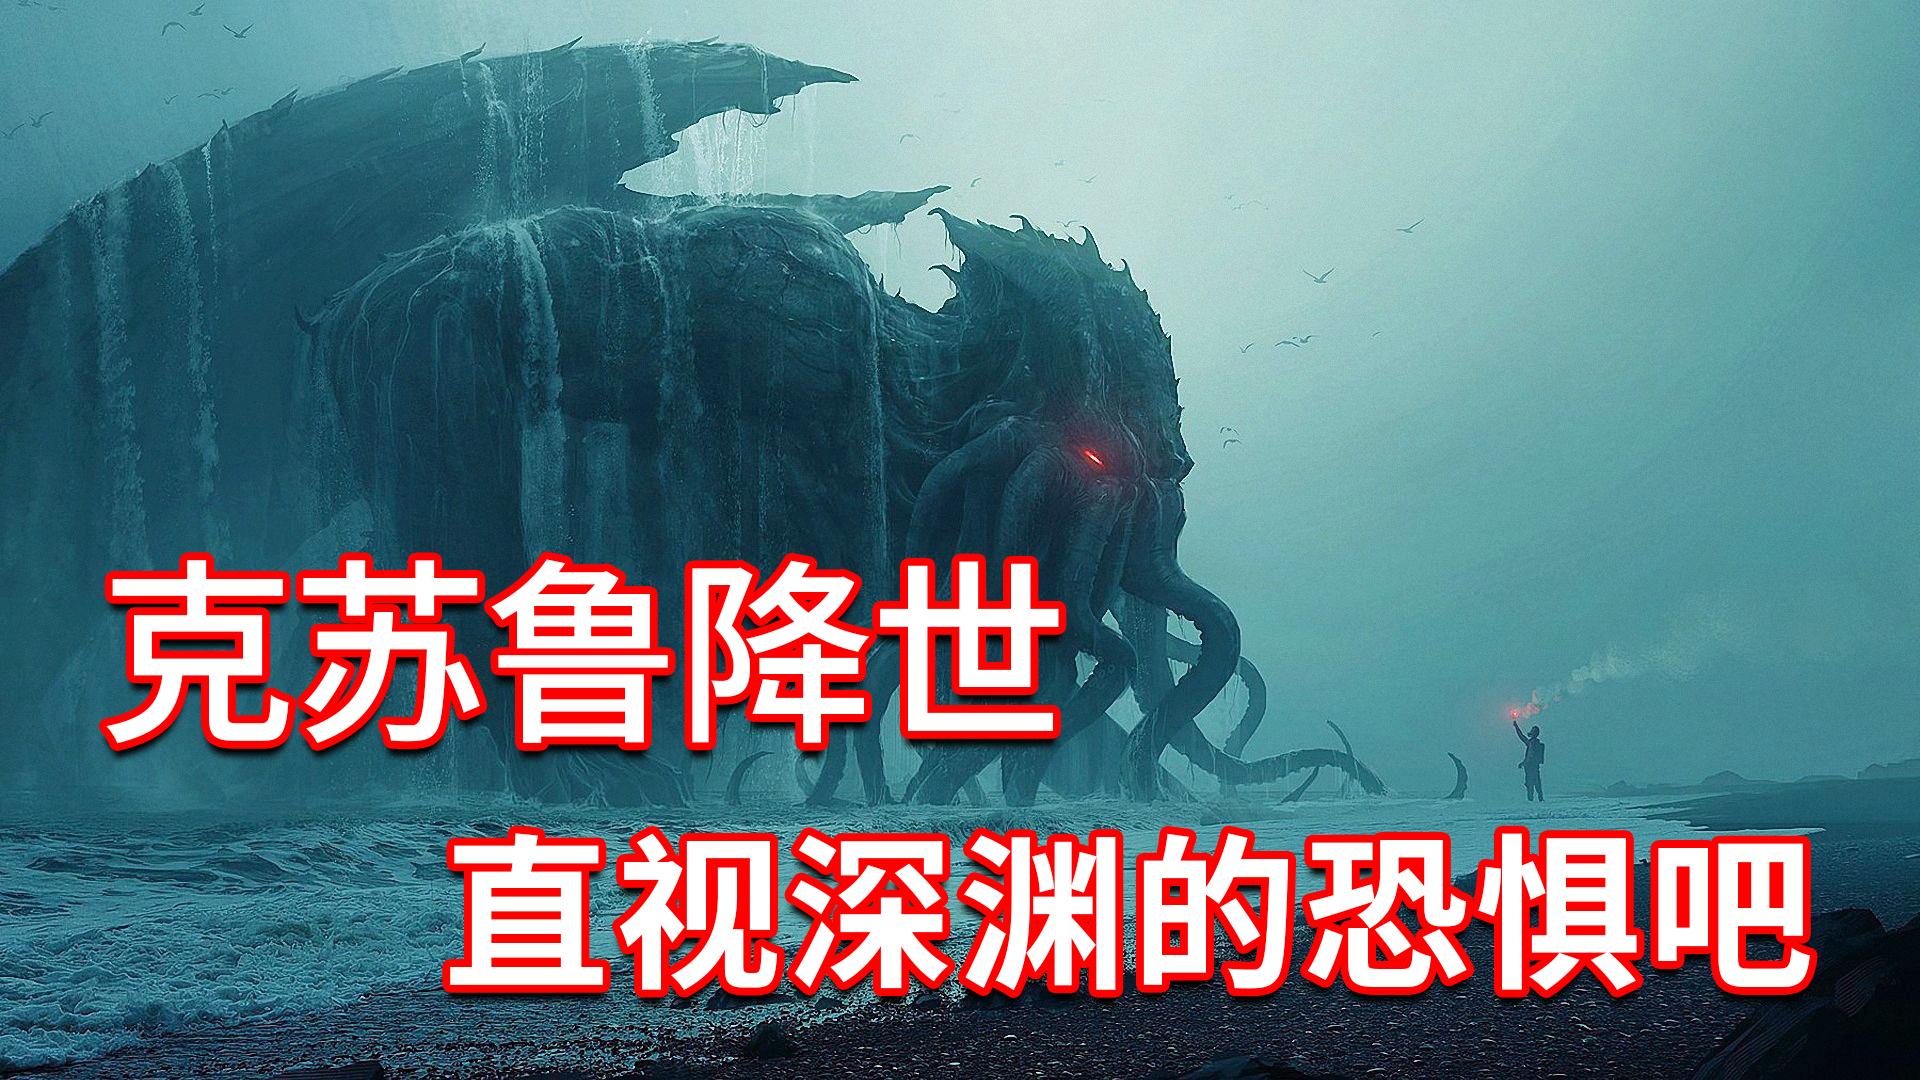 【克苏鲁神话 第三期】群星归位,克苏鲁降世!直视深渊的恐惧吧!